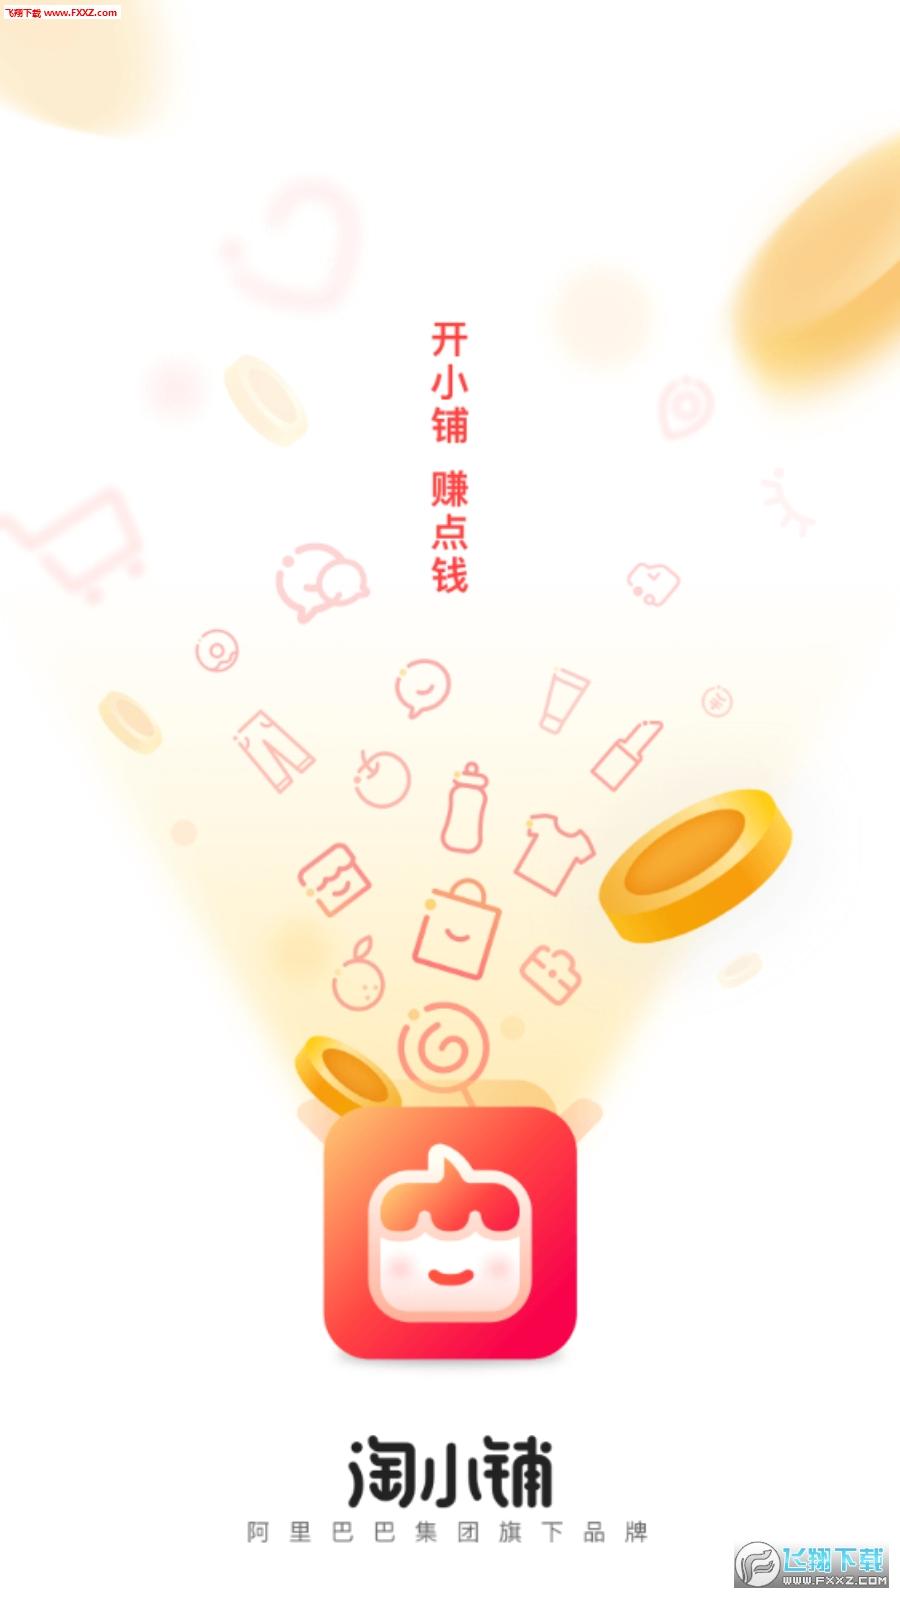 淘小铺免费分享淘宝商品赚钱app1.0截图0